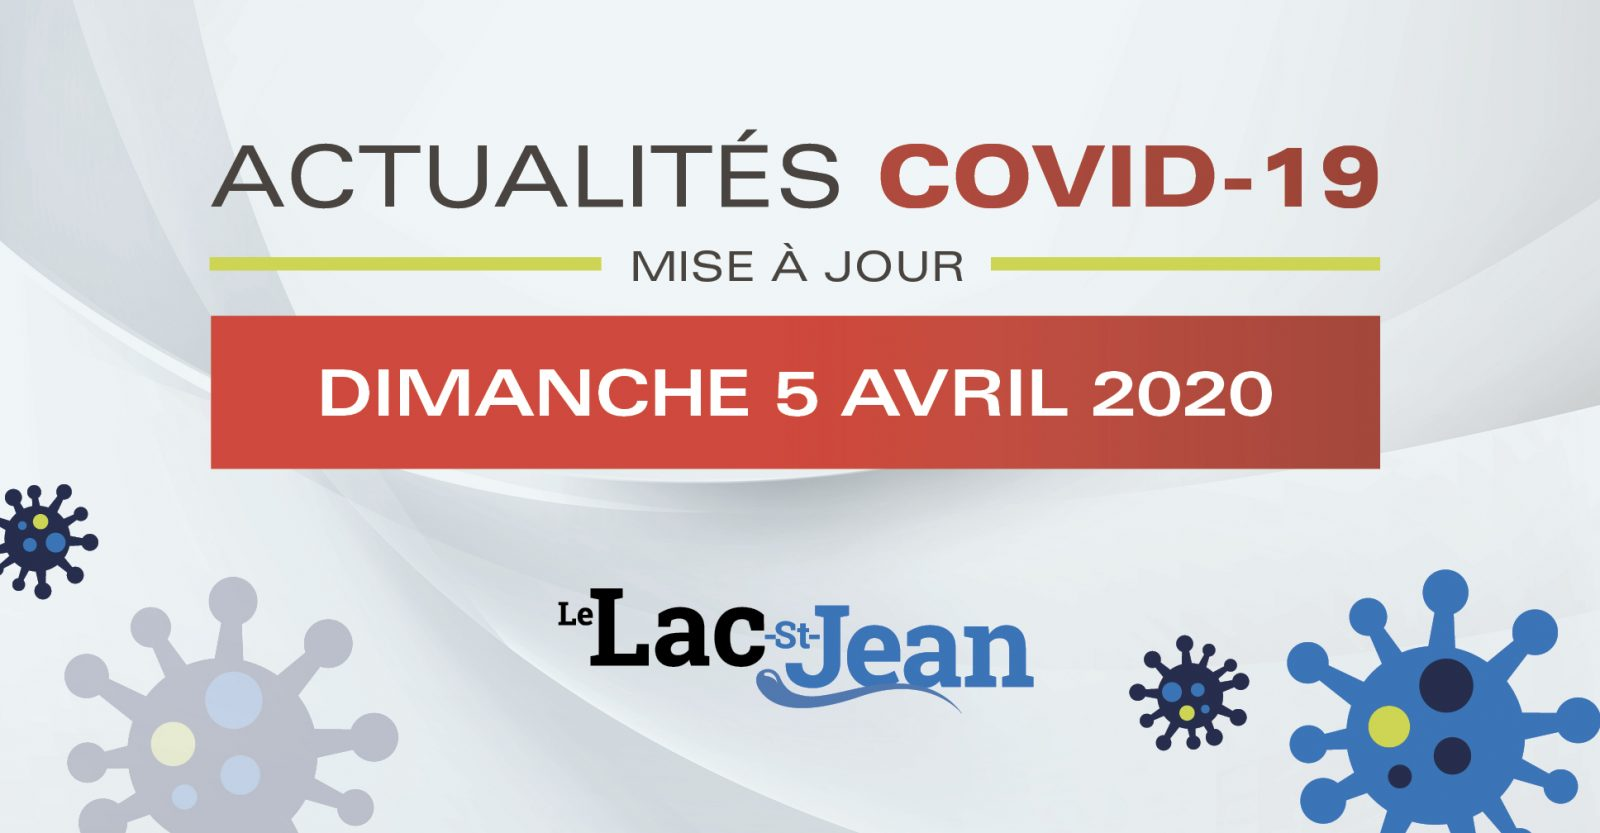 COVID-19 | Les fermetures se poursuivront jusqu'au 4 mai